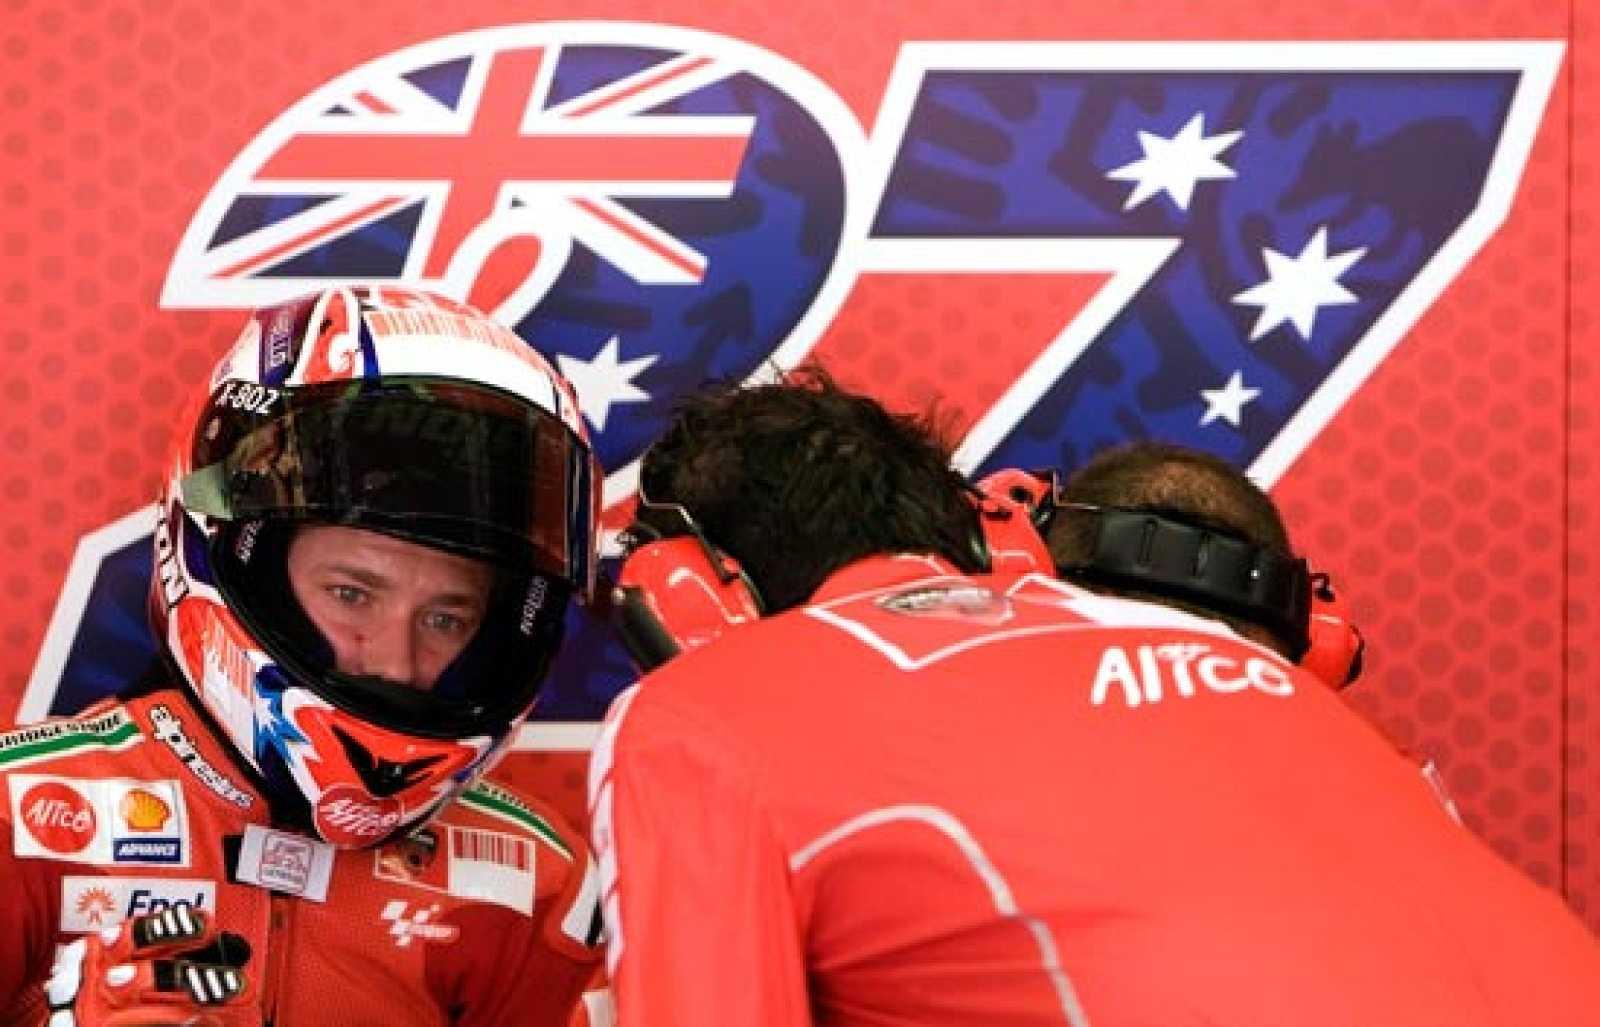 Casey Stoner ha decidido retirarse temporalmente del Mundial de MotoGP debido a problemas físicos.